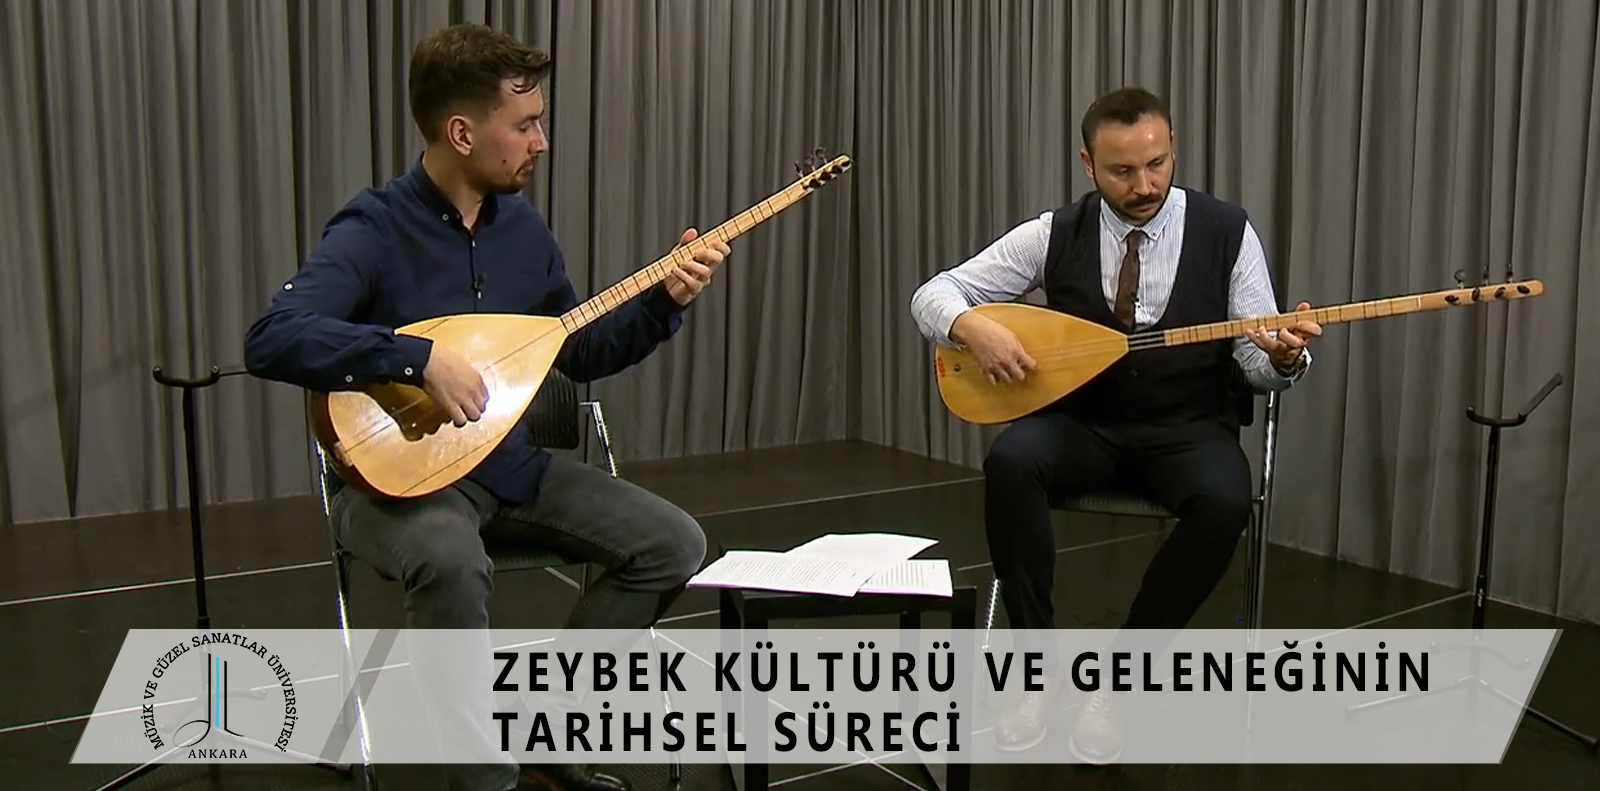 EBA TV ZEYBEK KÜLTÜRÜ VE GELENEĞİNİN TARİHSEL SÜRECİ